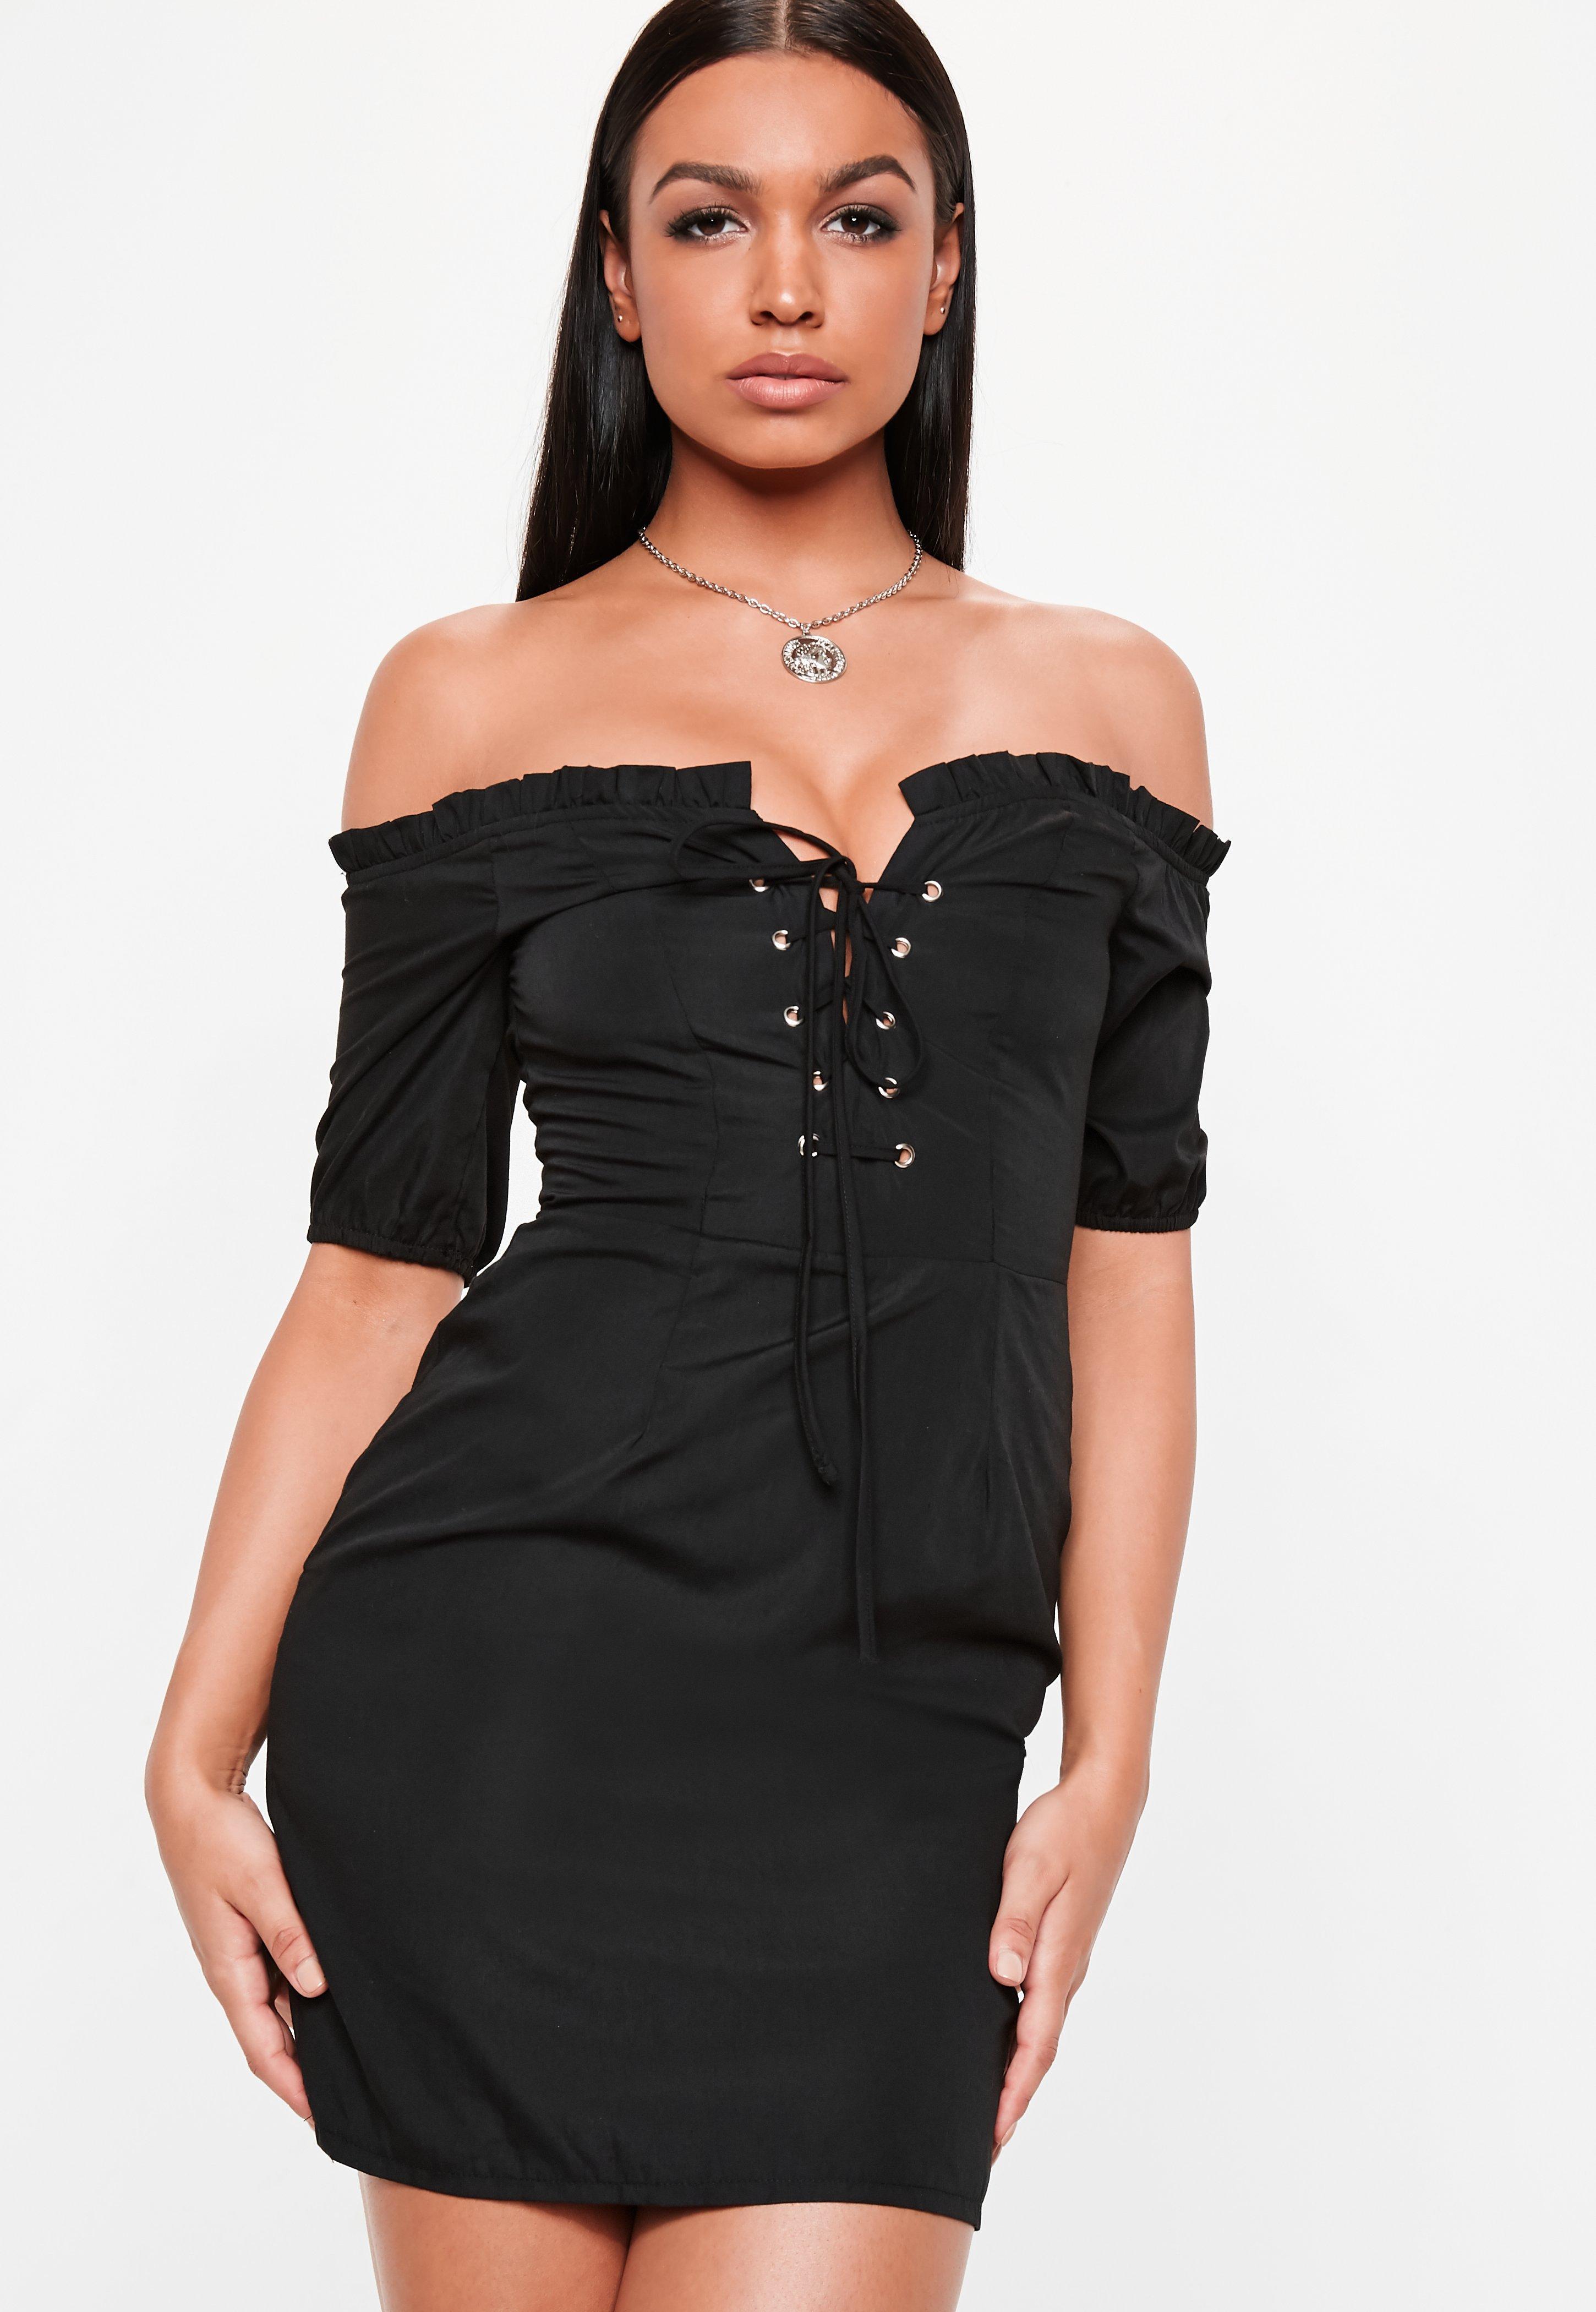 Ausgezeichnet Schwarzes Cocktailkleid Australien Zeitgenössisch ...